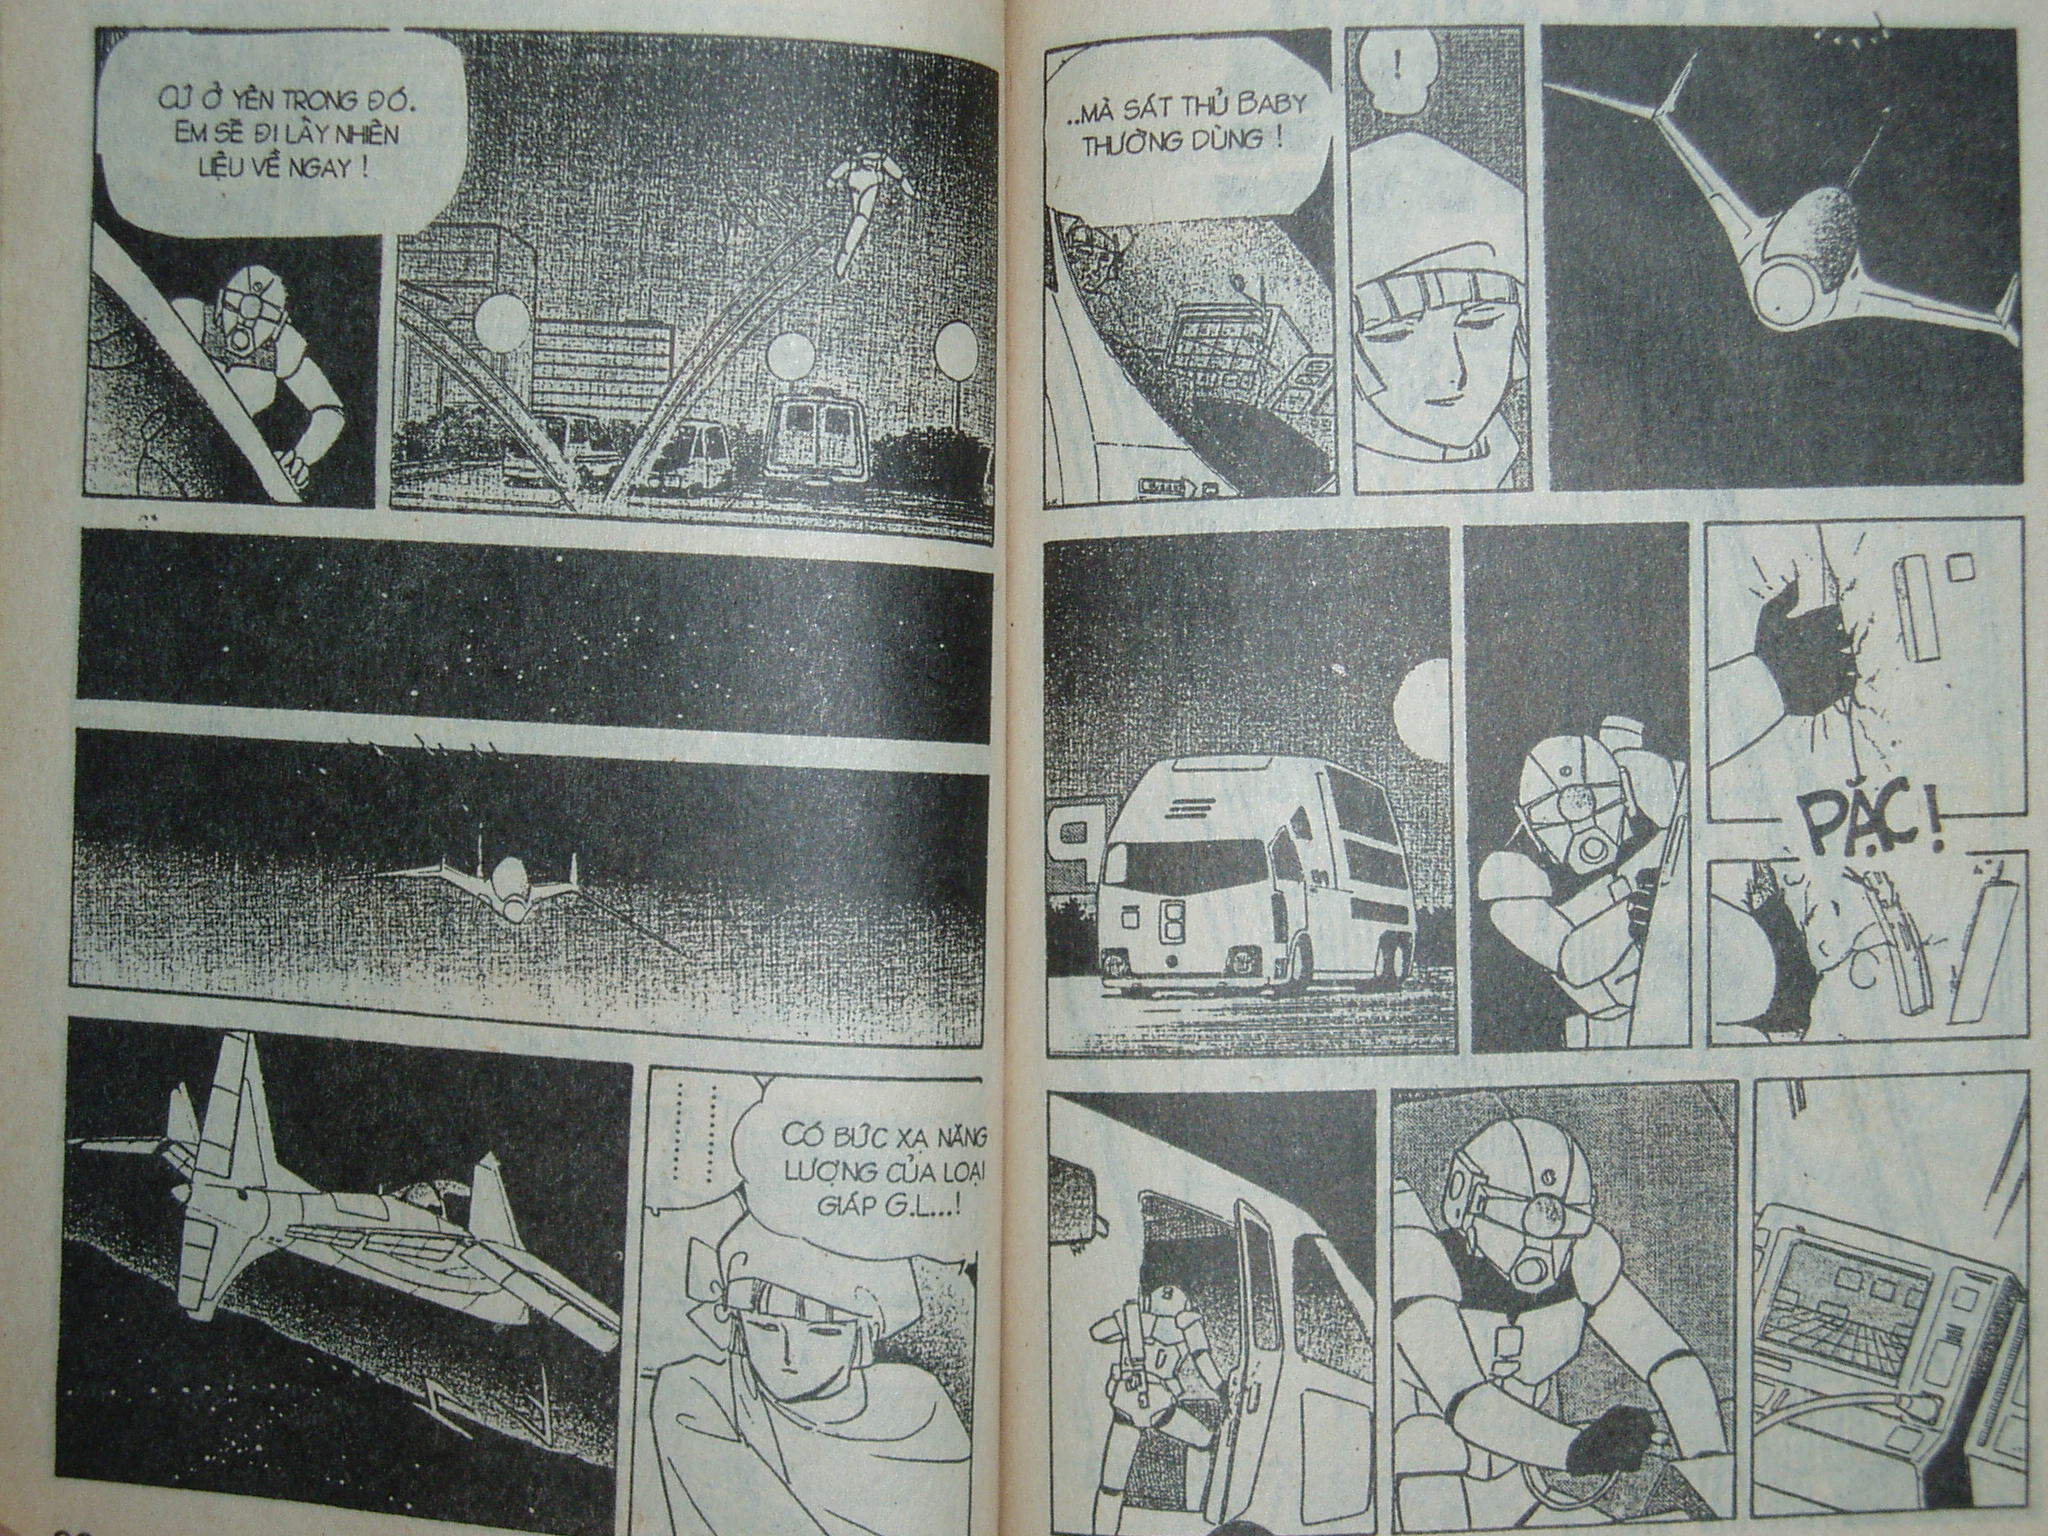 Siêu nhân Locke vol 16 trang 48